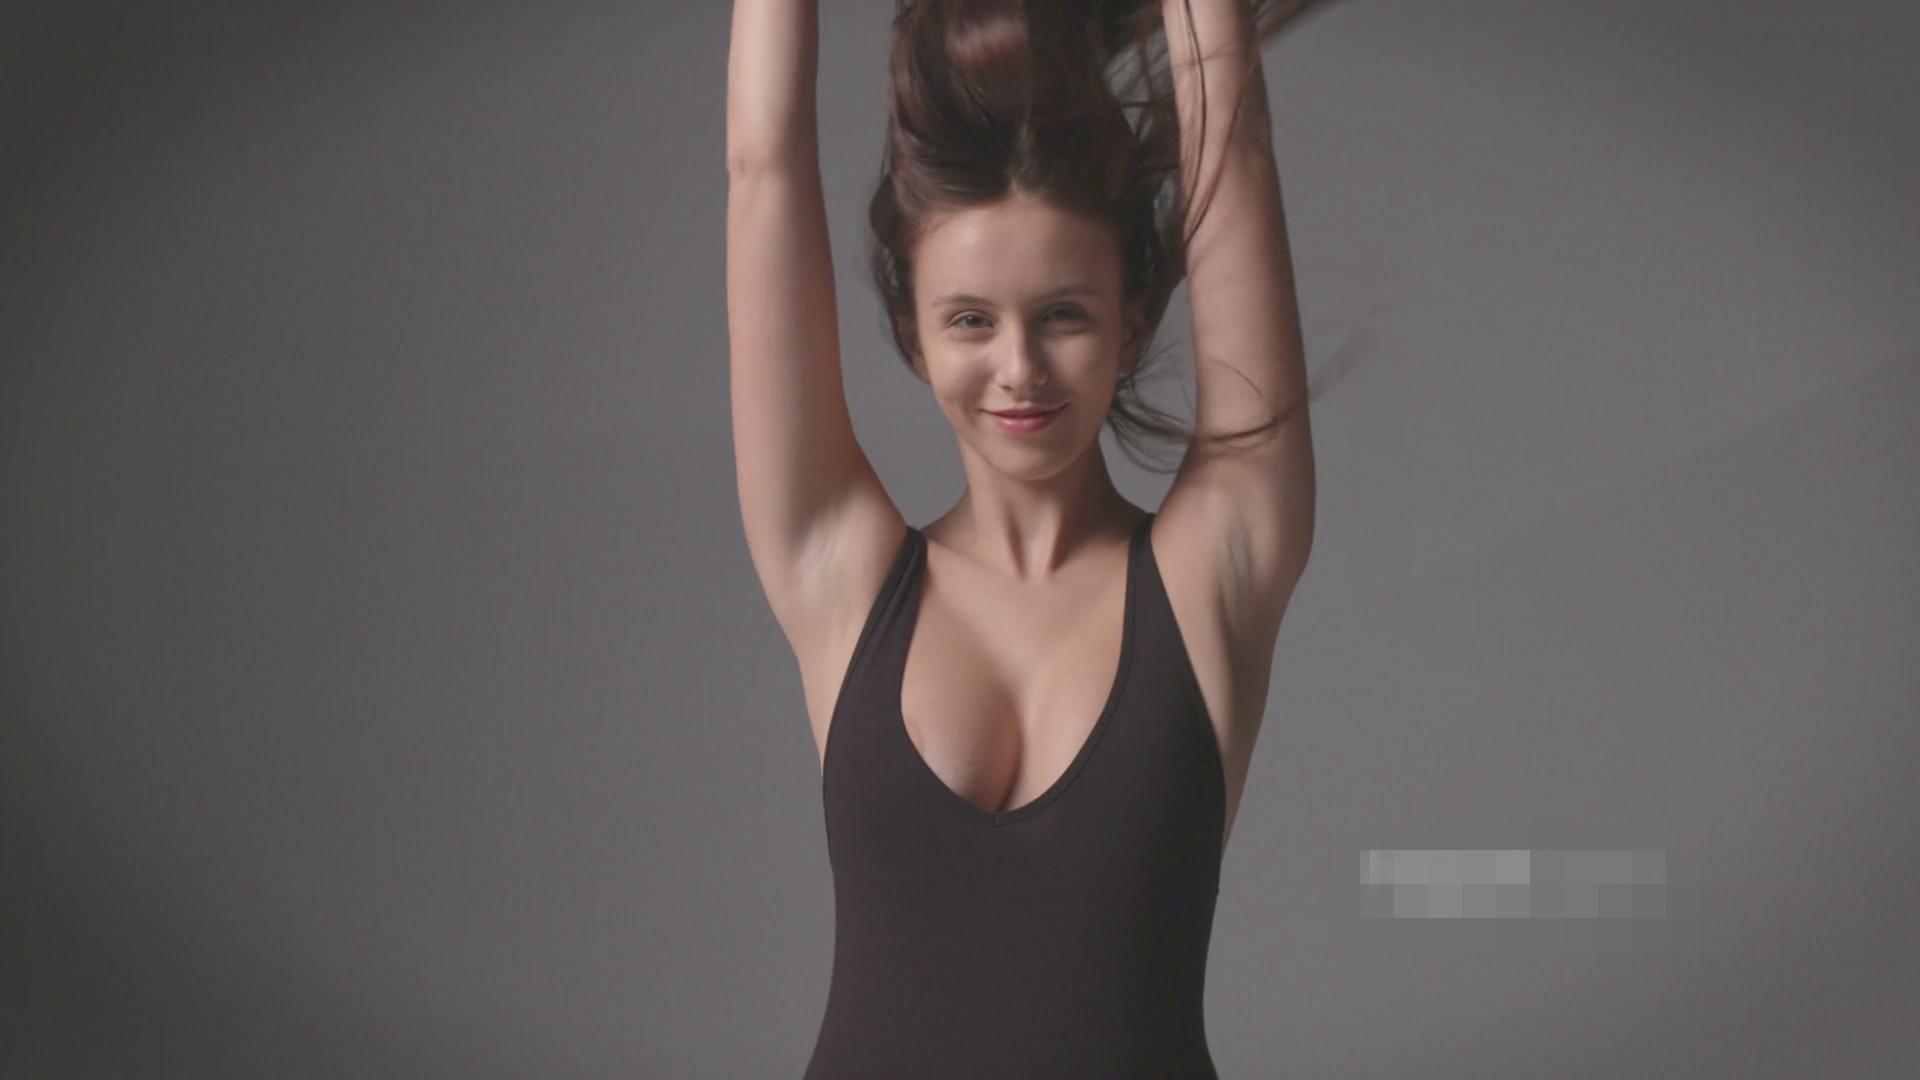 极品尤物女模特裸极品大波无毛一线天诱惑写真展示丰满诱人的身体[232